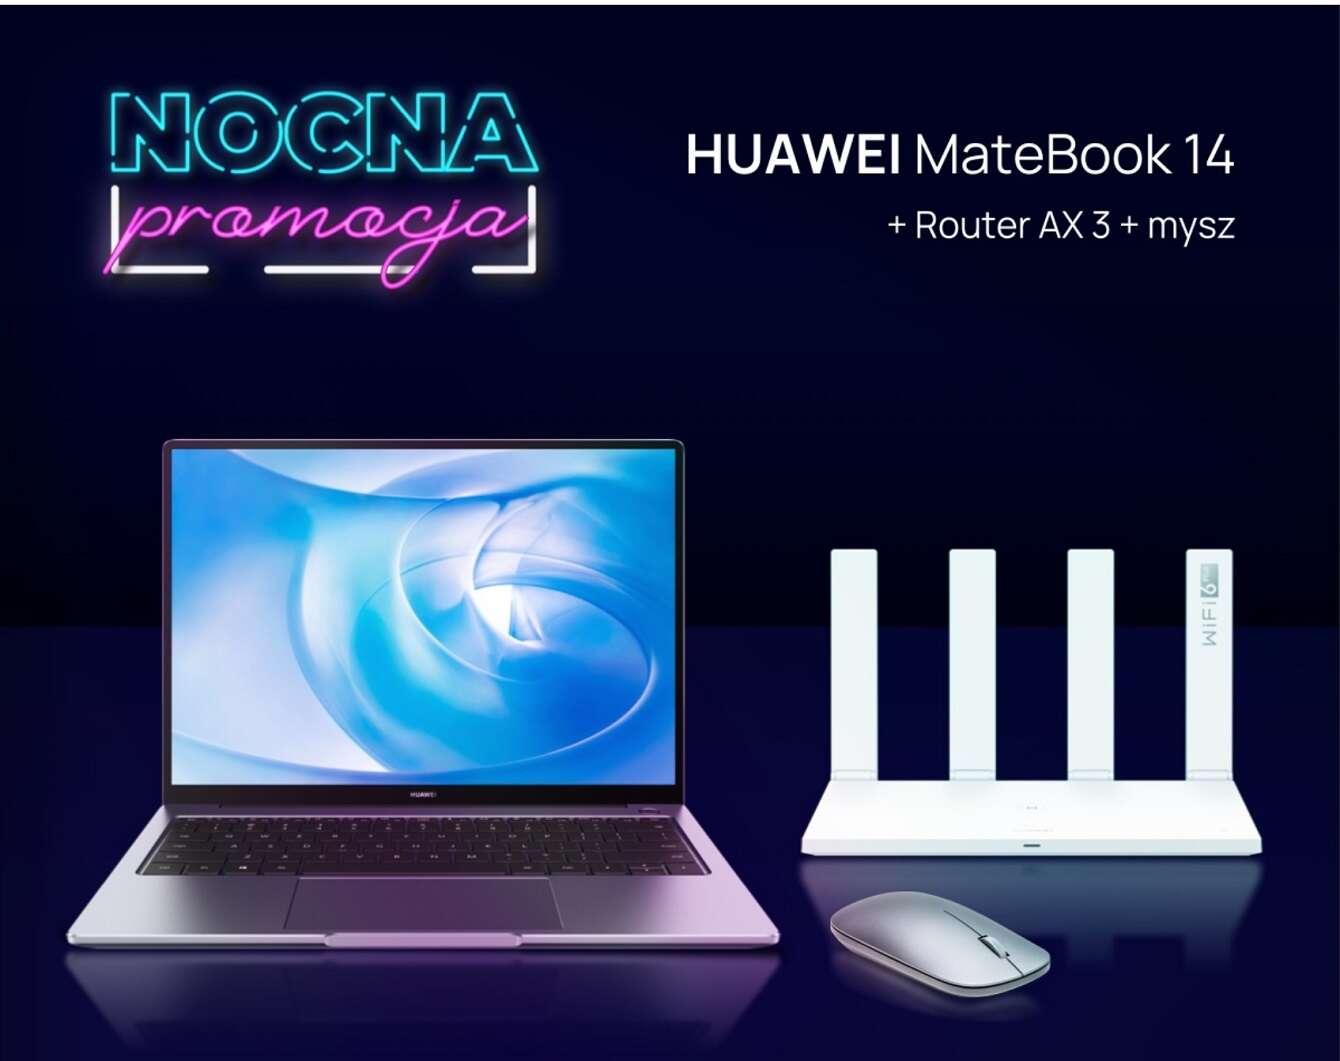 Nocna promocja na huawei.pl: Huawei MateBook 14 w świetnej cenie!